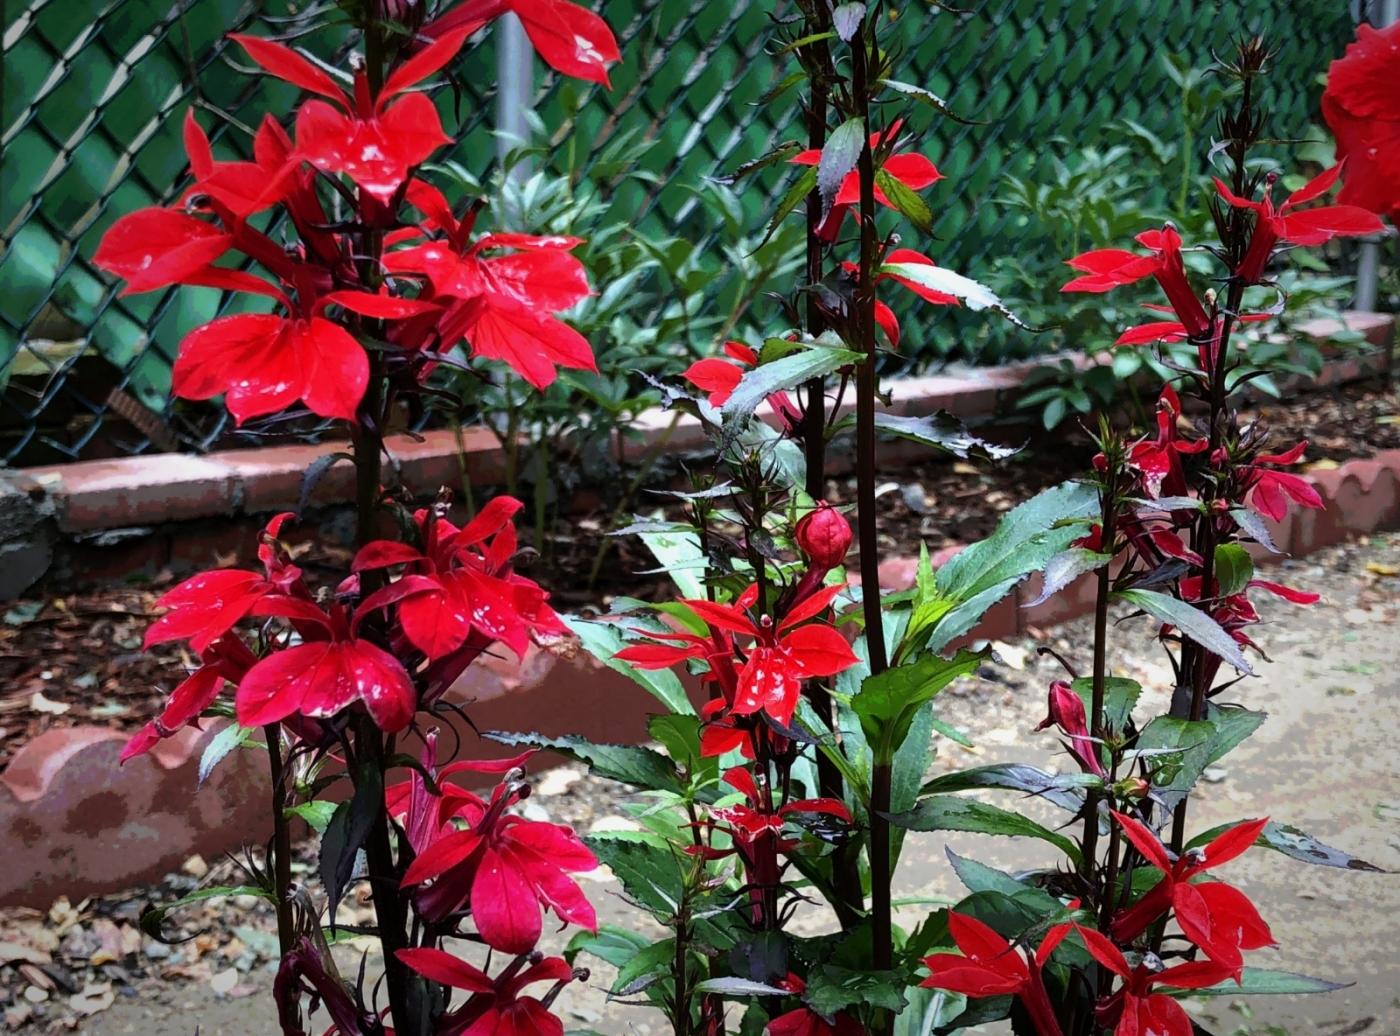 【田螺随拍】我今年种的蜂鸟喜欢吃的花都开了_图1-12